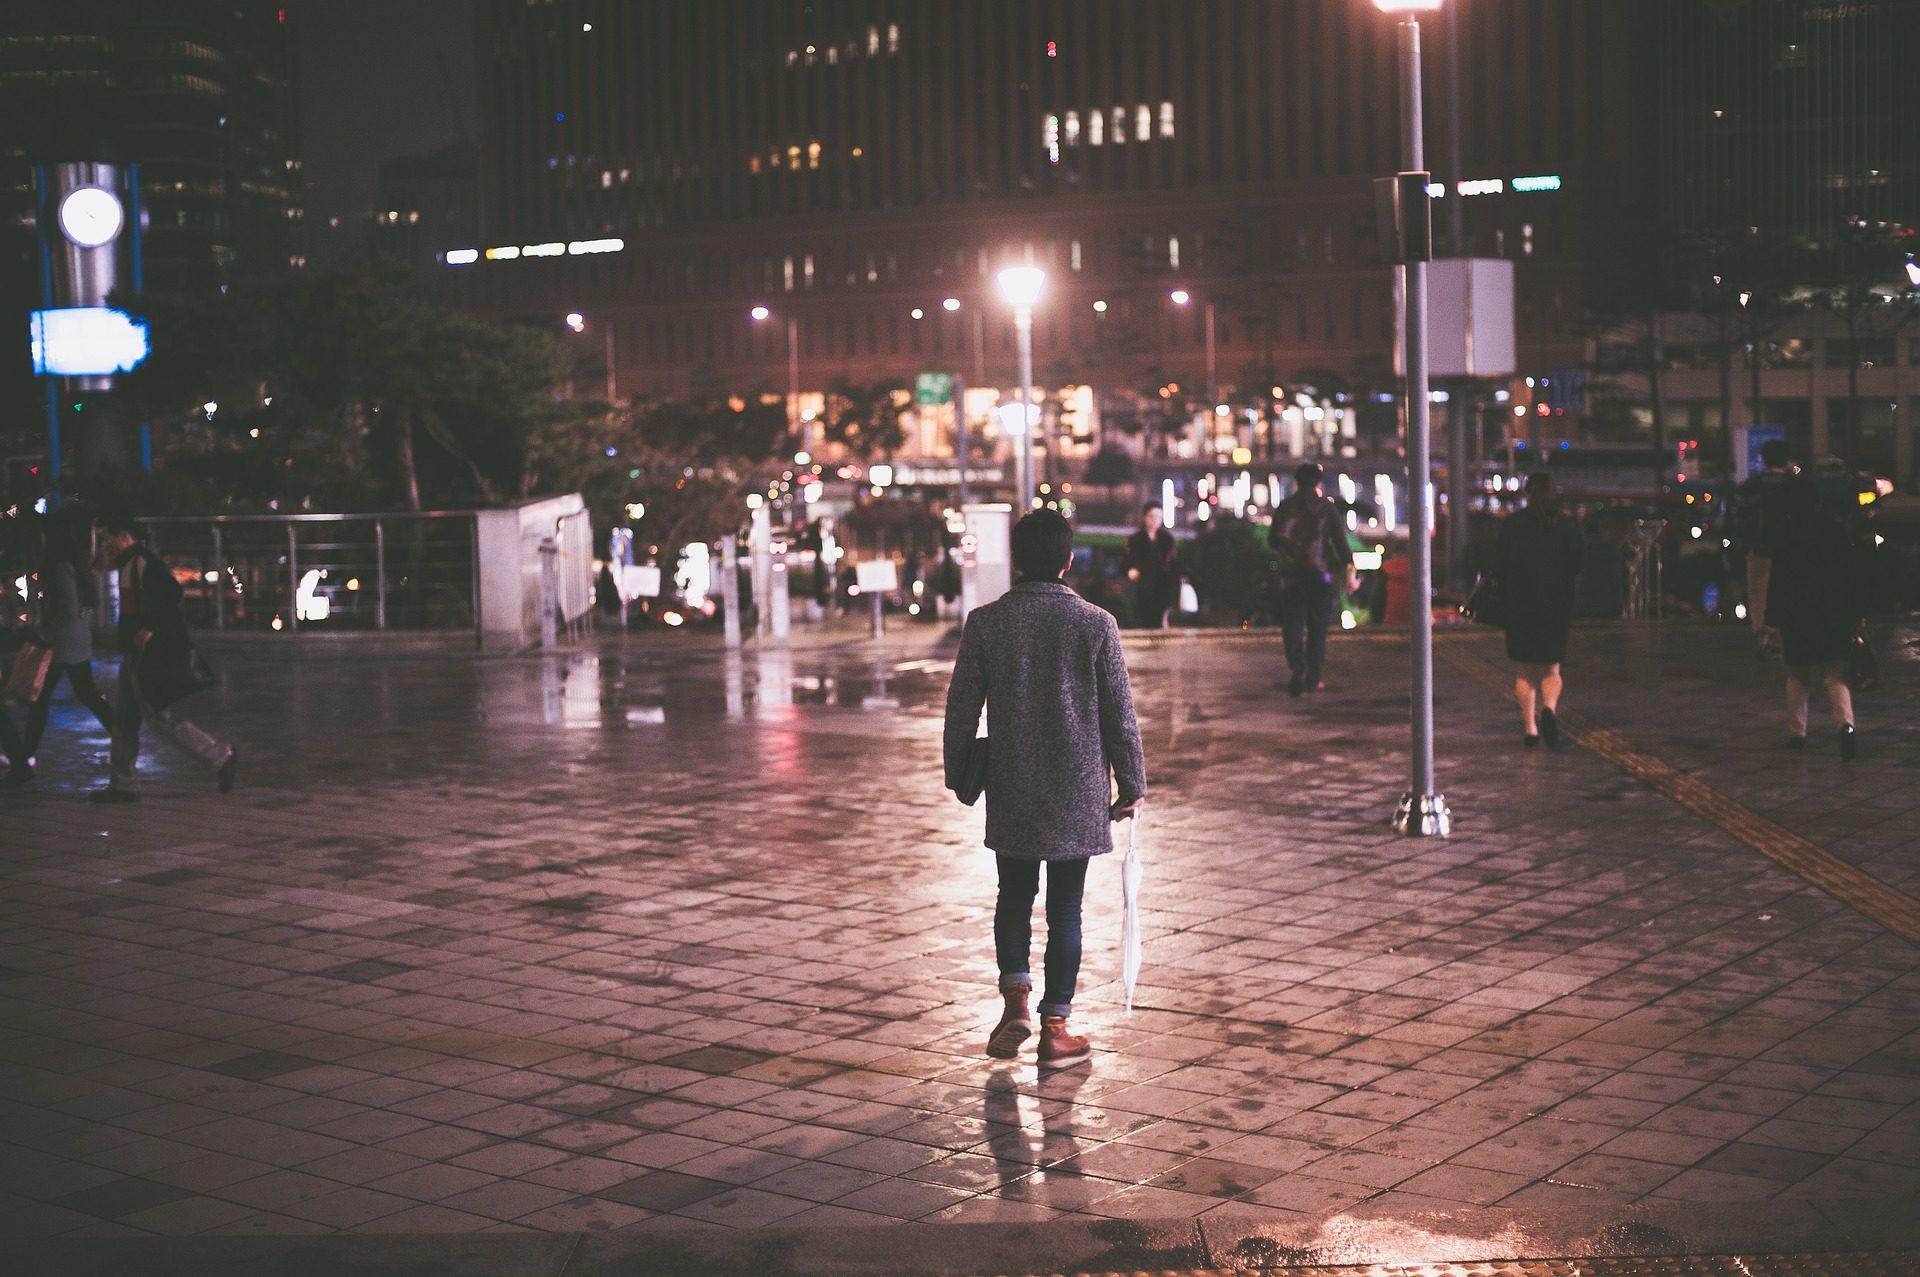 Città, notte, Via, persone, luci, lampioni, edifici - Sfondi HD - Professor-falken.com